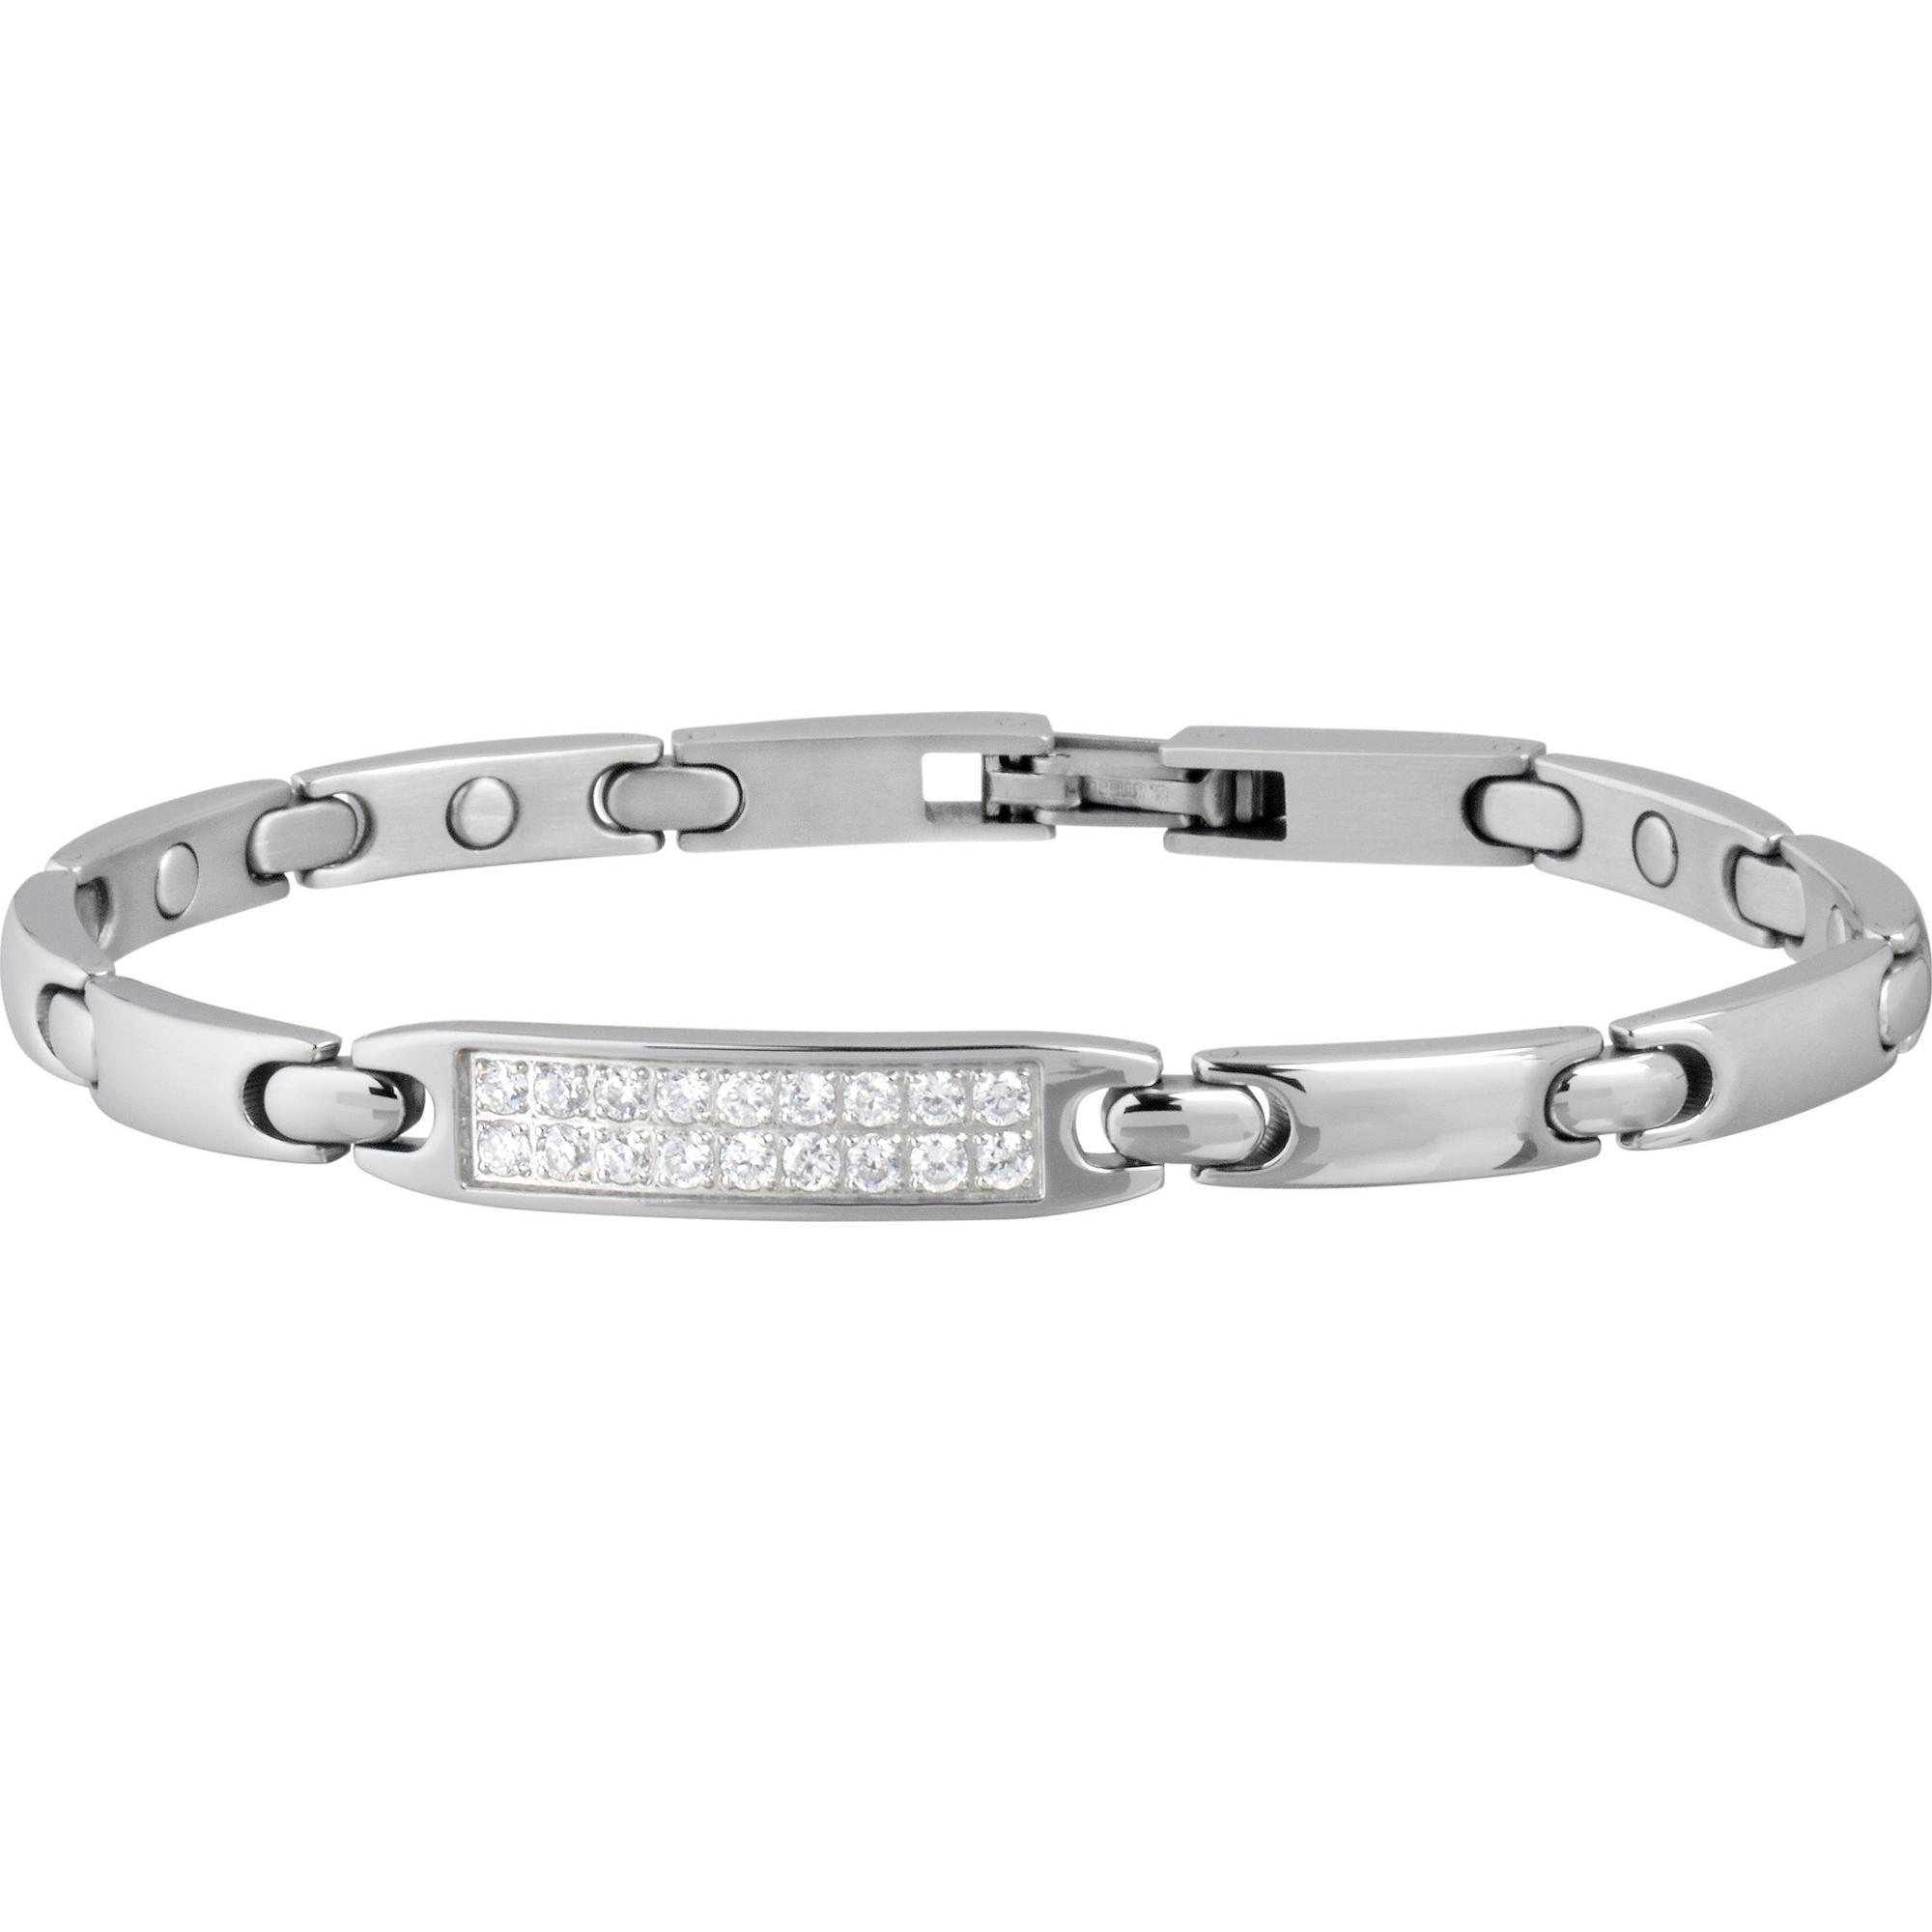 SABONA Women's Pave Magnetic Bracelet